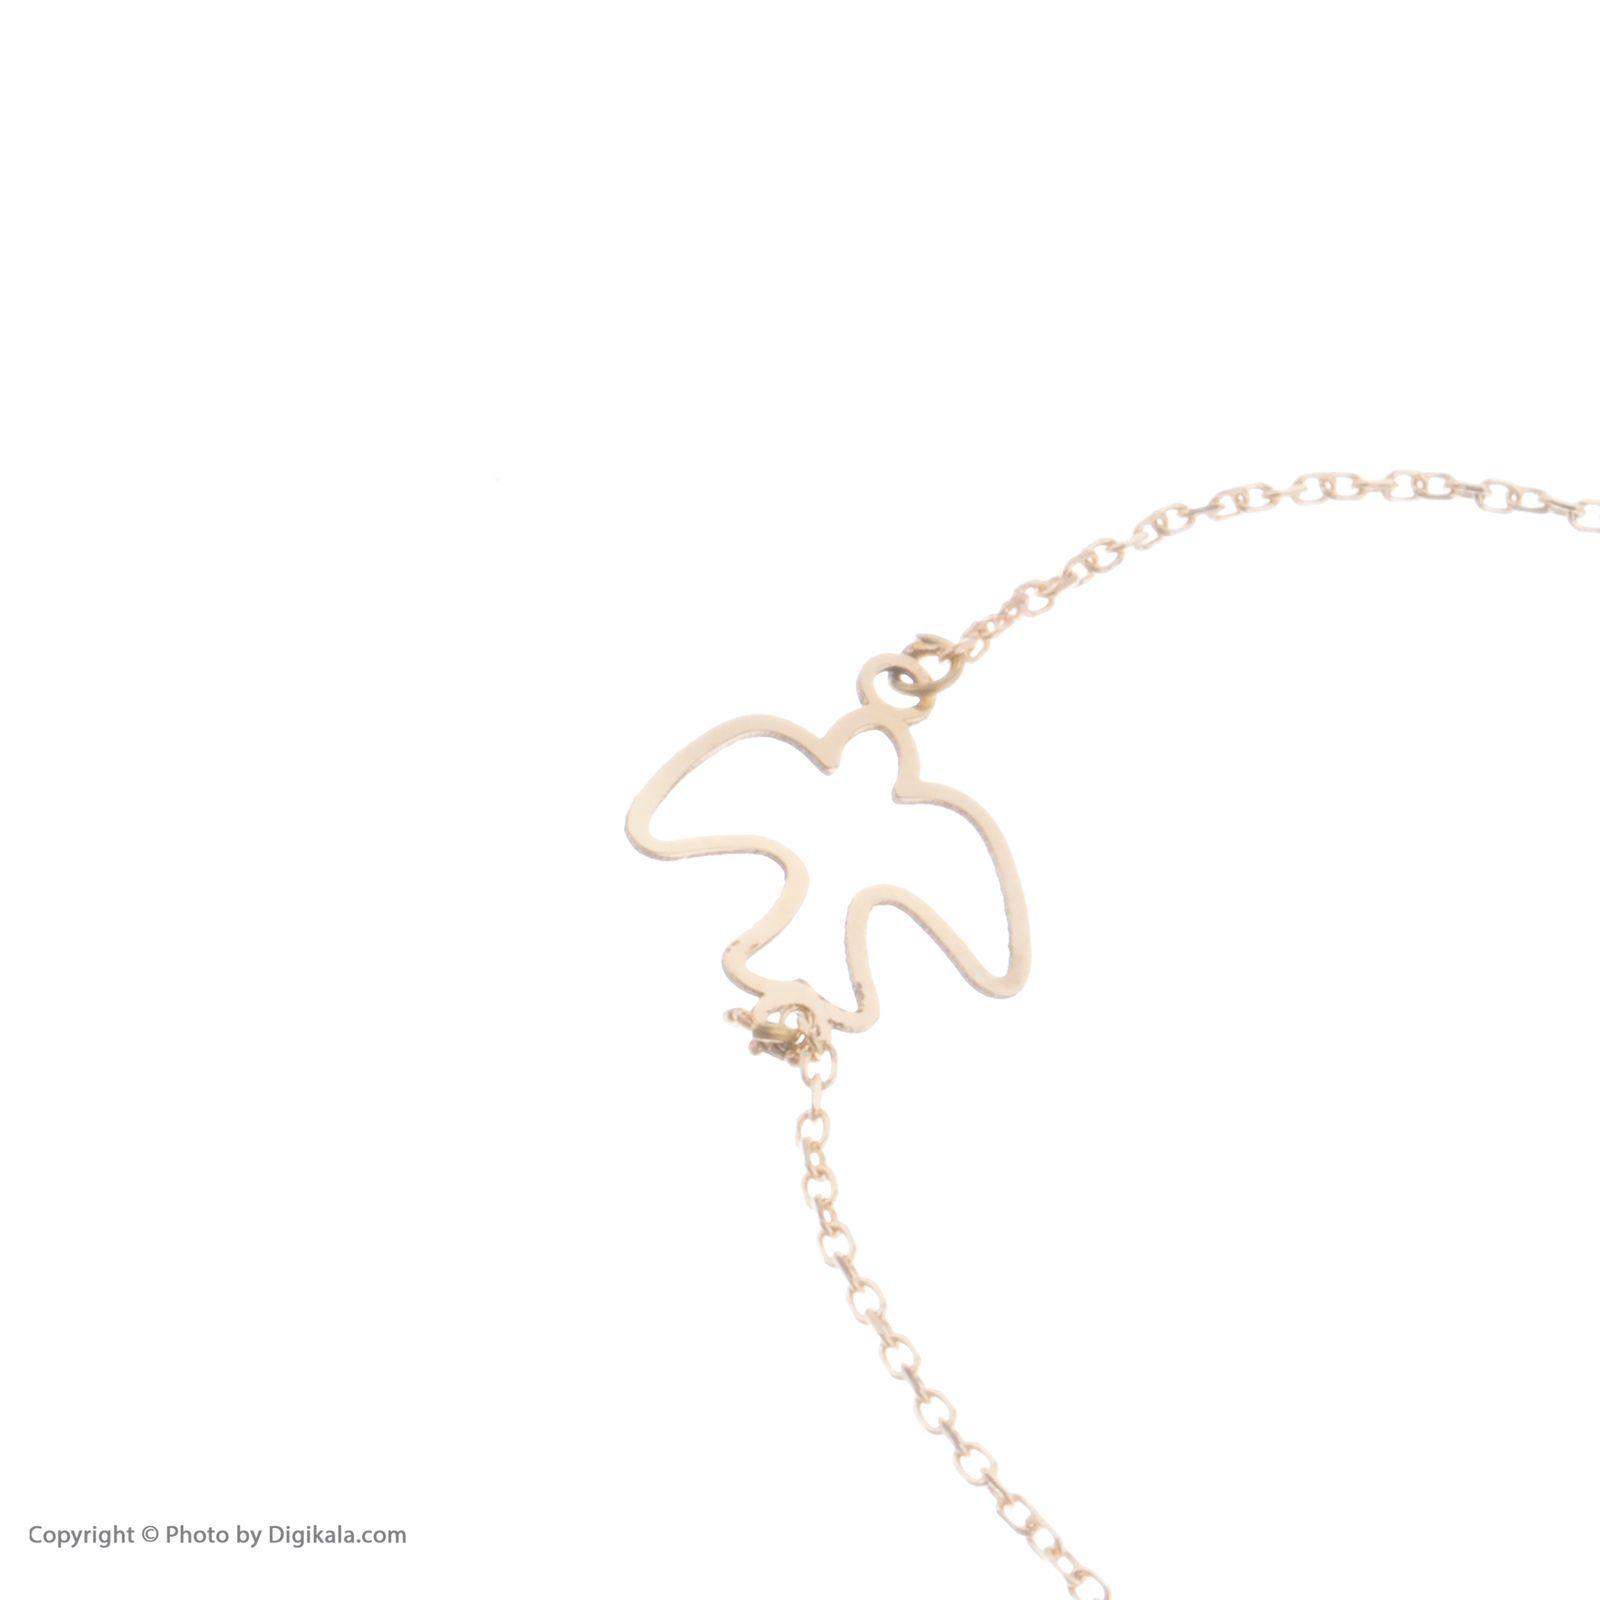 دستبند طلا 18 عیار زنانه نیوانی مدل DA634  -  - 3